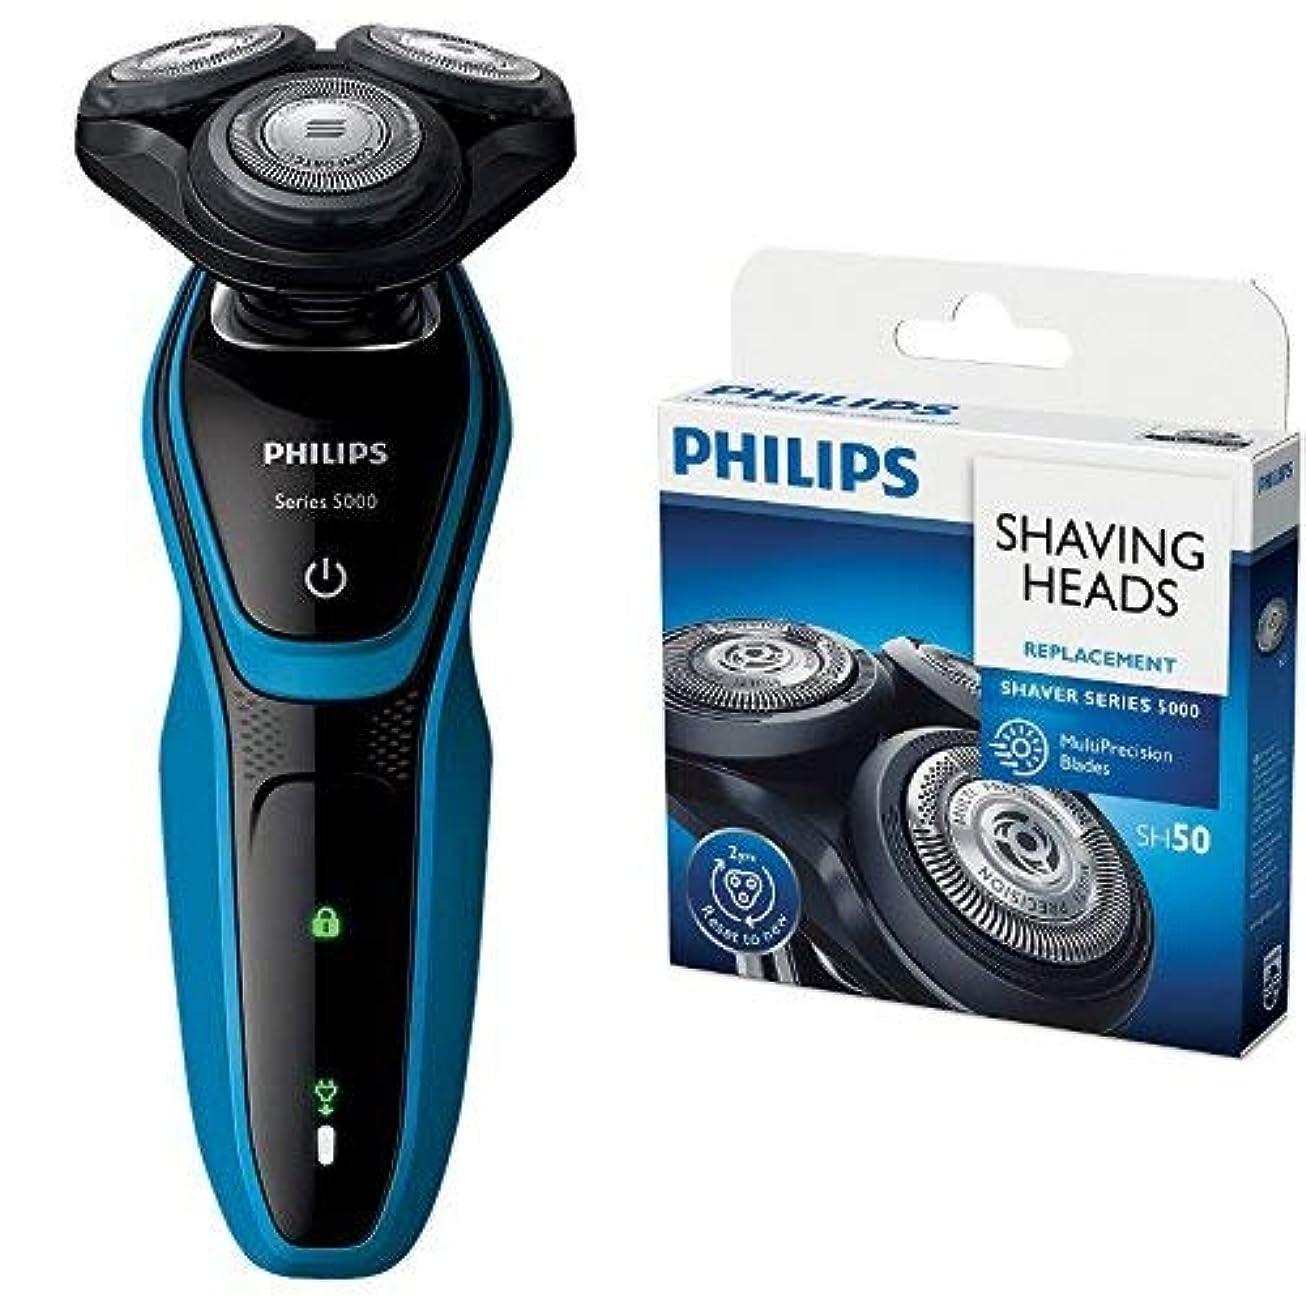 知的カップルインシデント[セット販売]フィリップス 5000シリーズ メンズ 電気シェーバー 27枚刃 回転式 お風呂剃り & 丸洗い可 S5050/05 + フィリップス 5000シリーズ用替刃 SH50/51